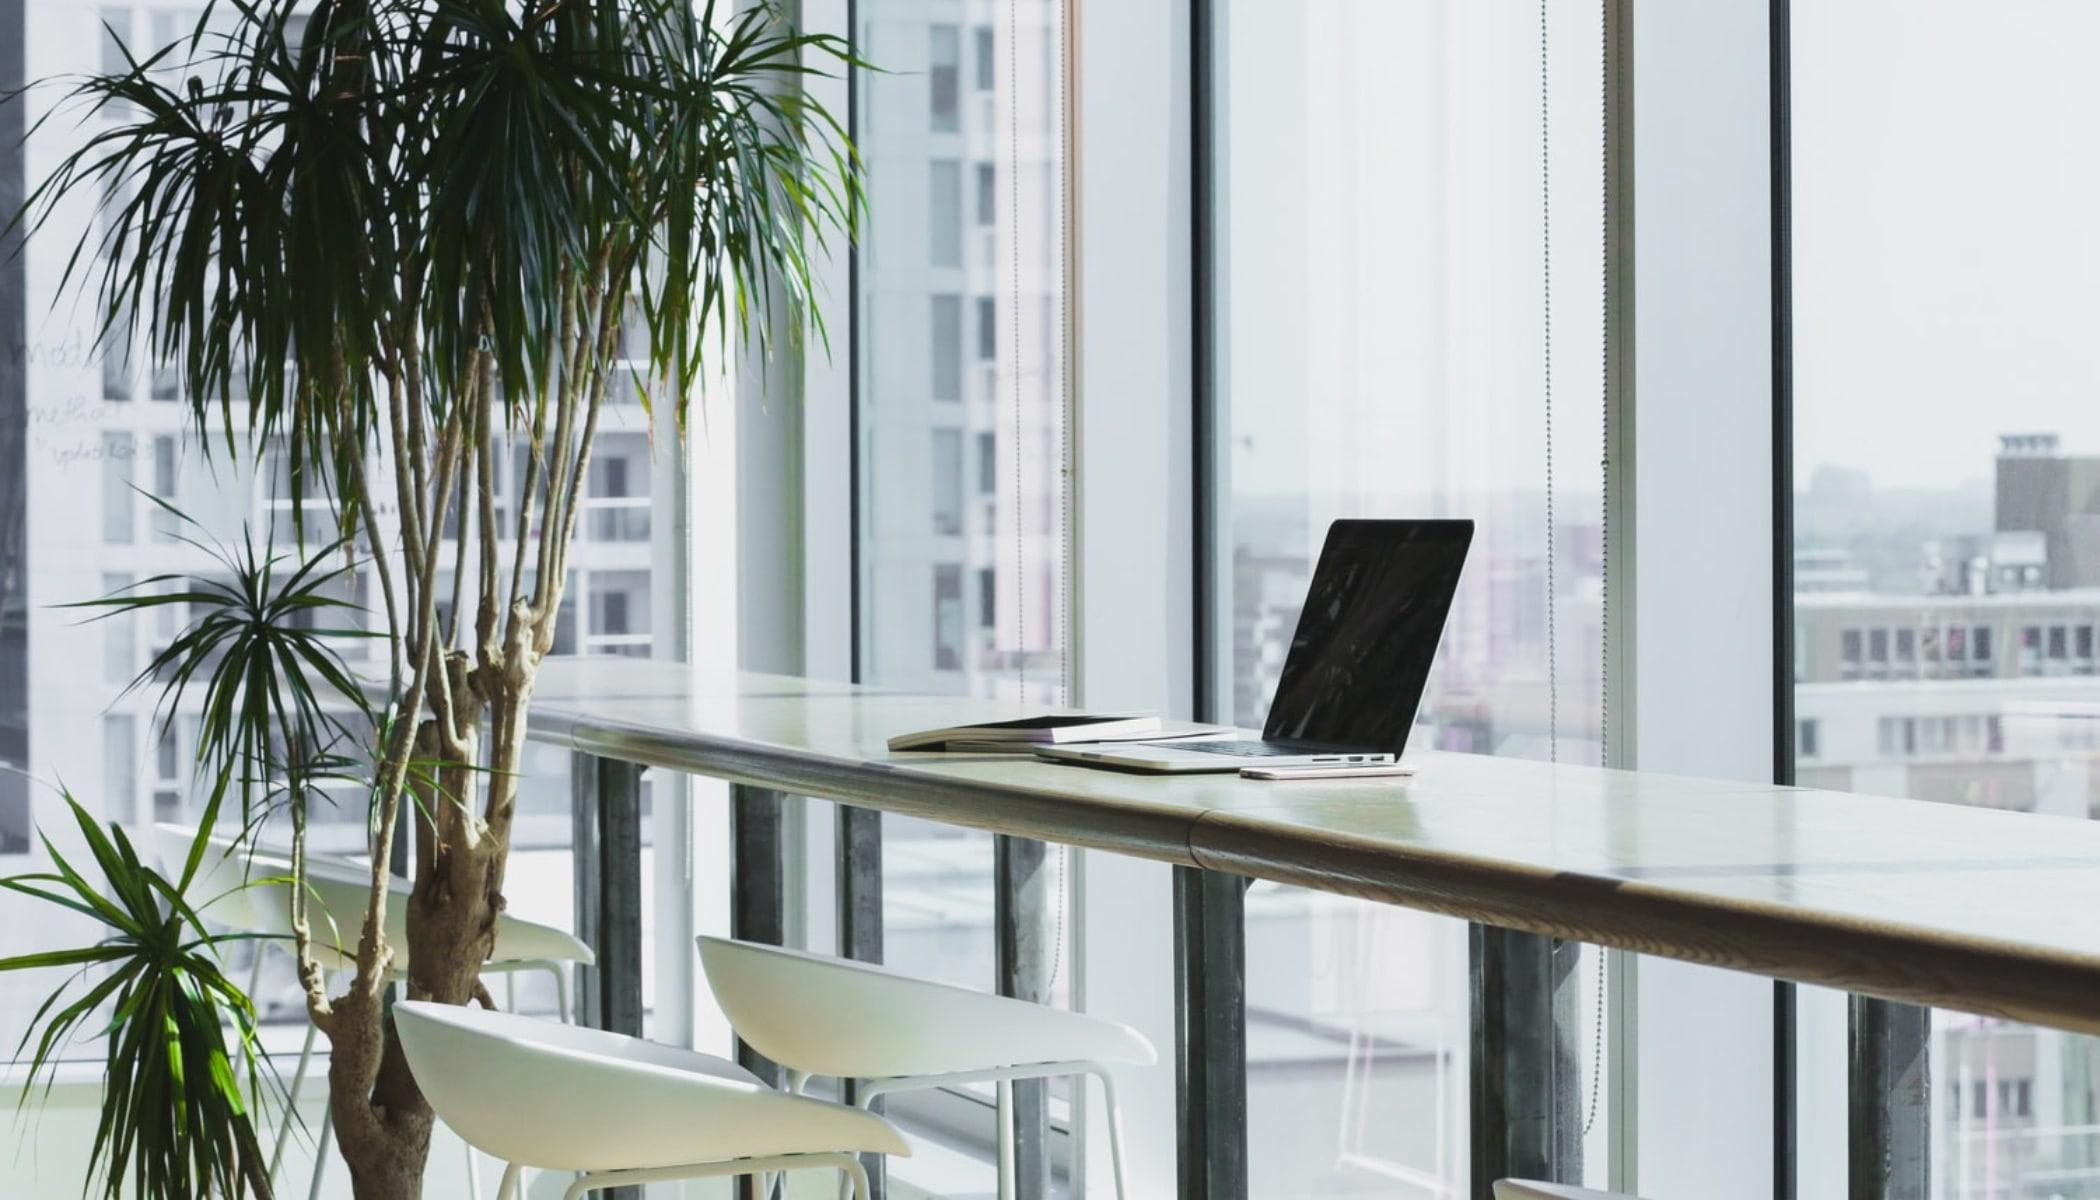 Styrk dit CV og jobmuligheder med study abroad